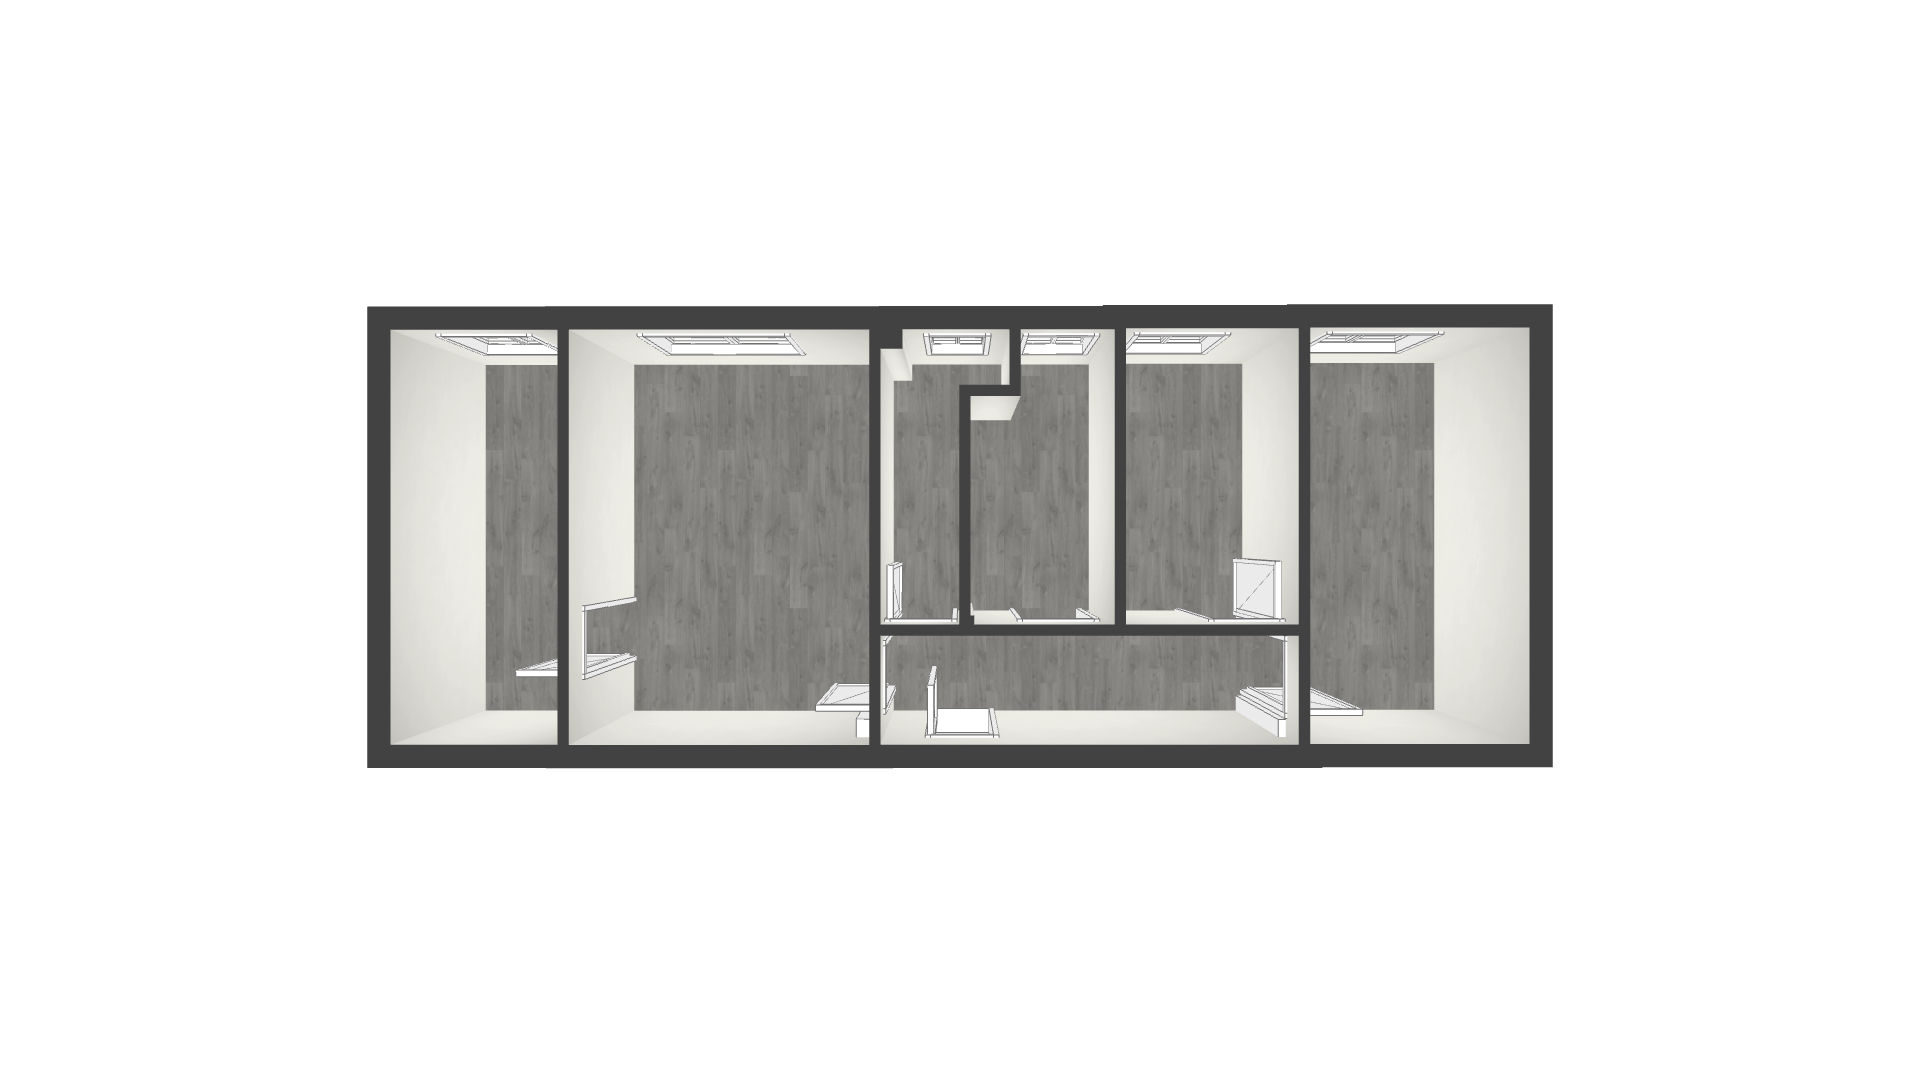 Plano 3D - Carlos Domingo